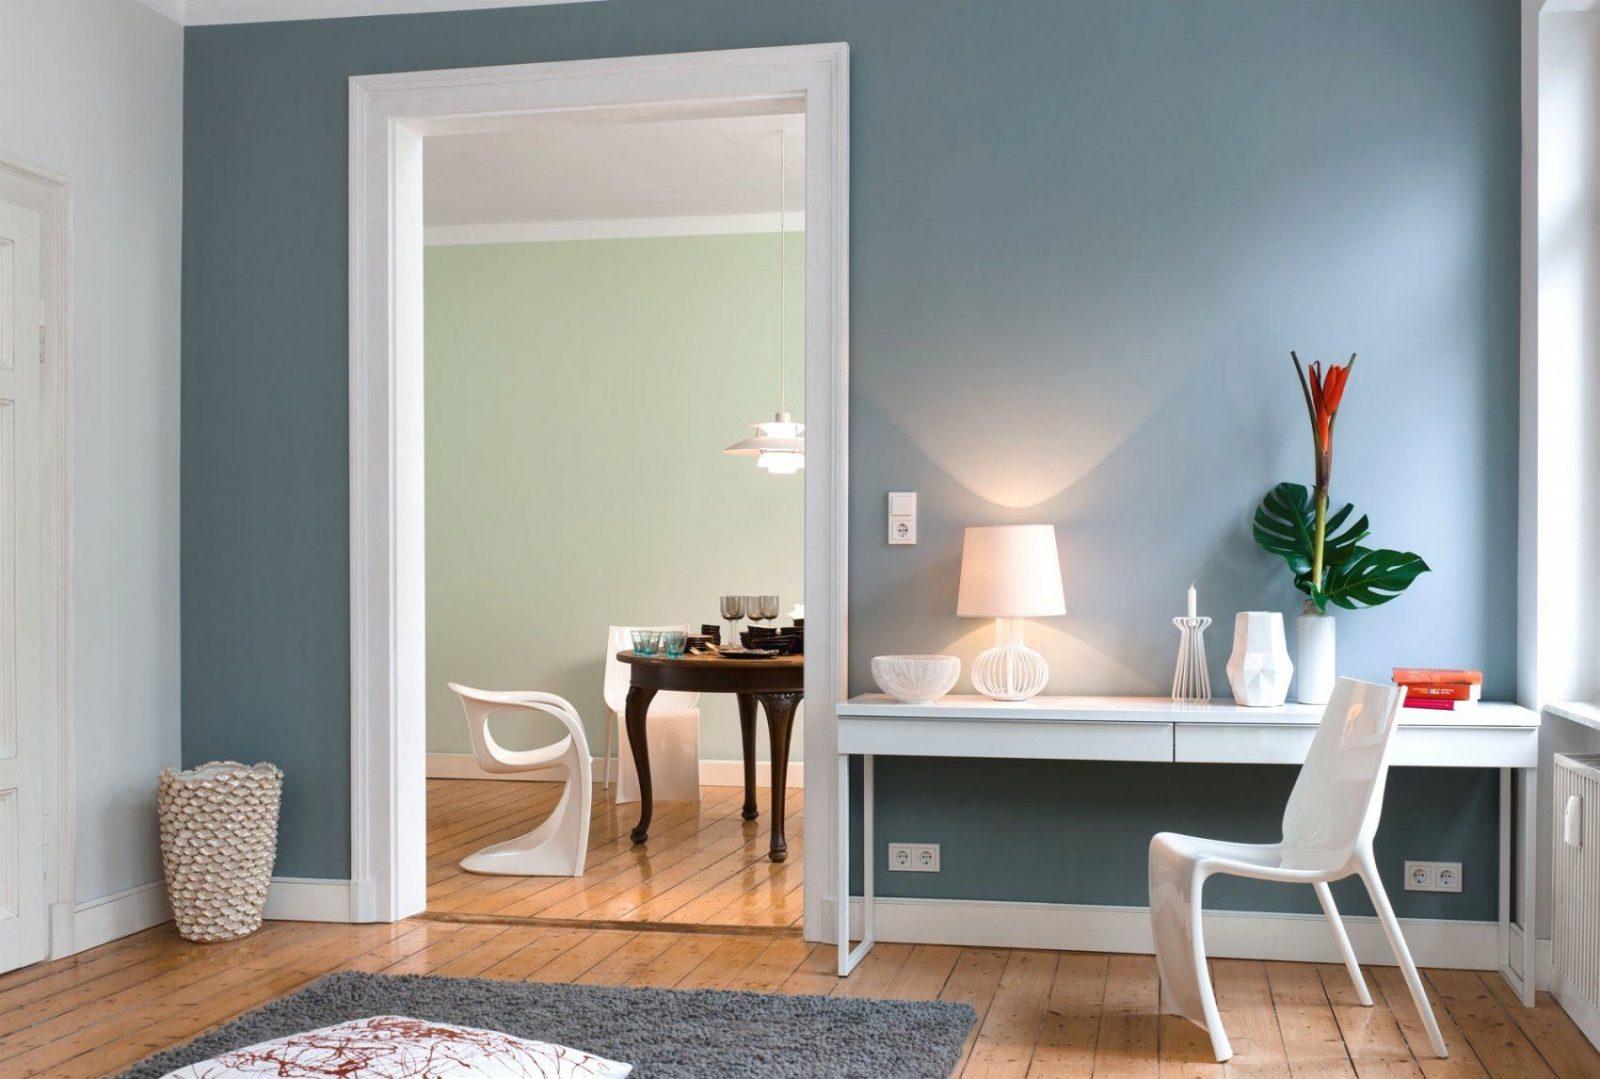 Fantastische Inspiration Welche Wandfarbe Passt Zu Grauen Möbeln Und von Welche Wandfarbe Passt Zu Grauen Möbeln Photo